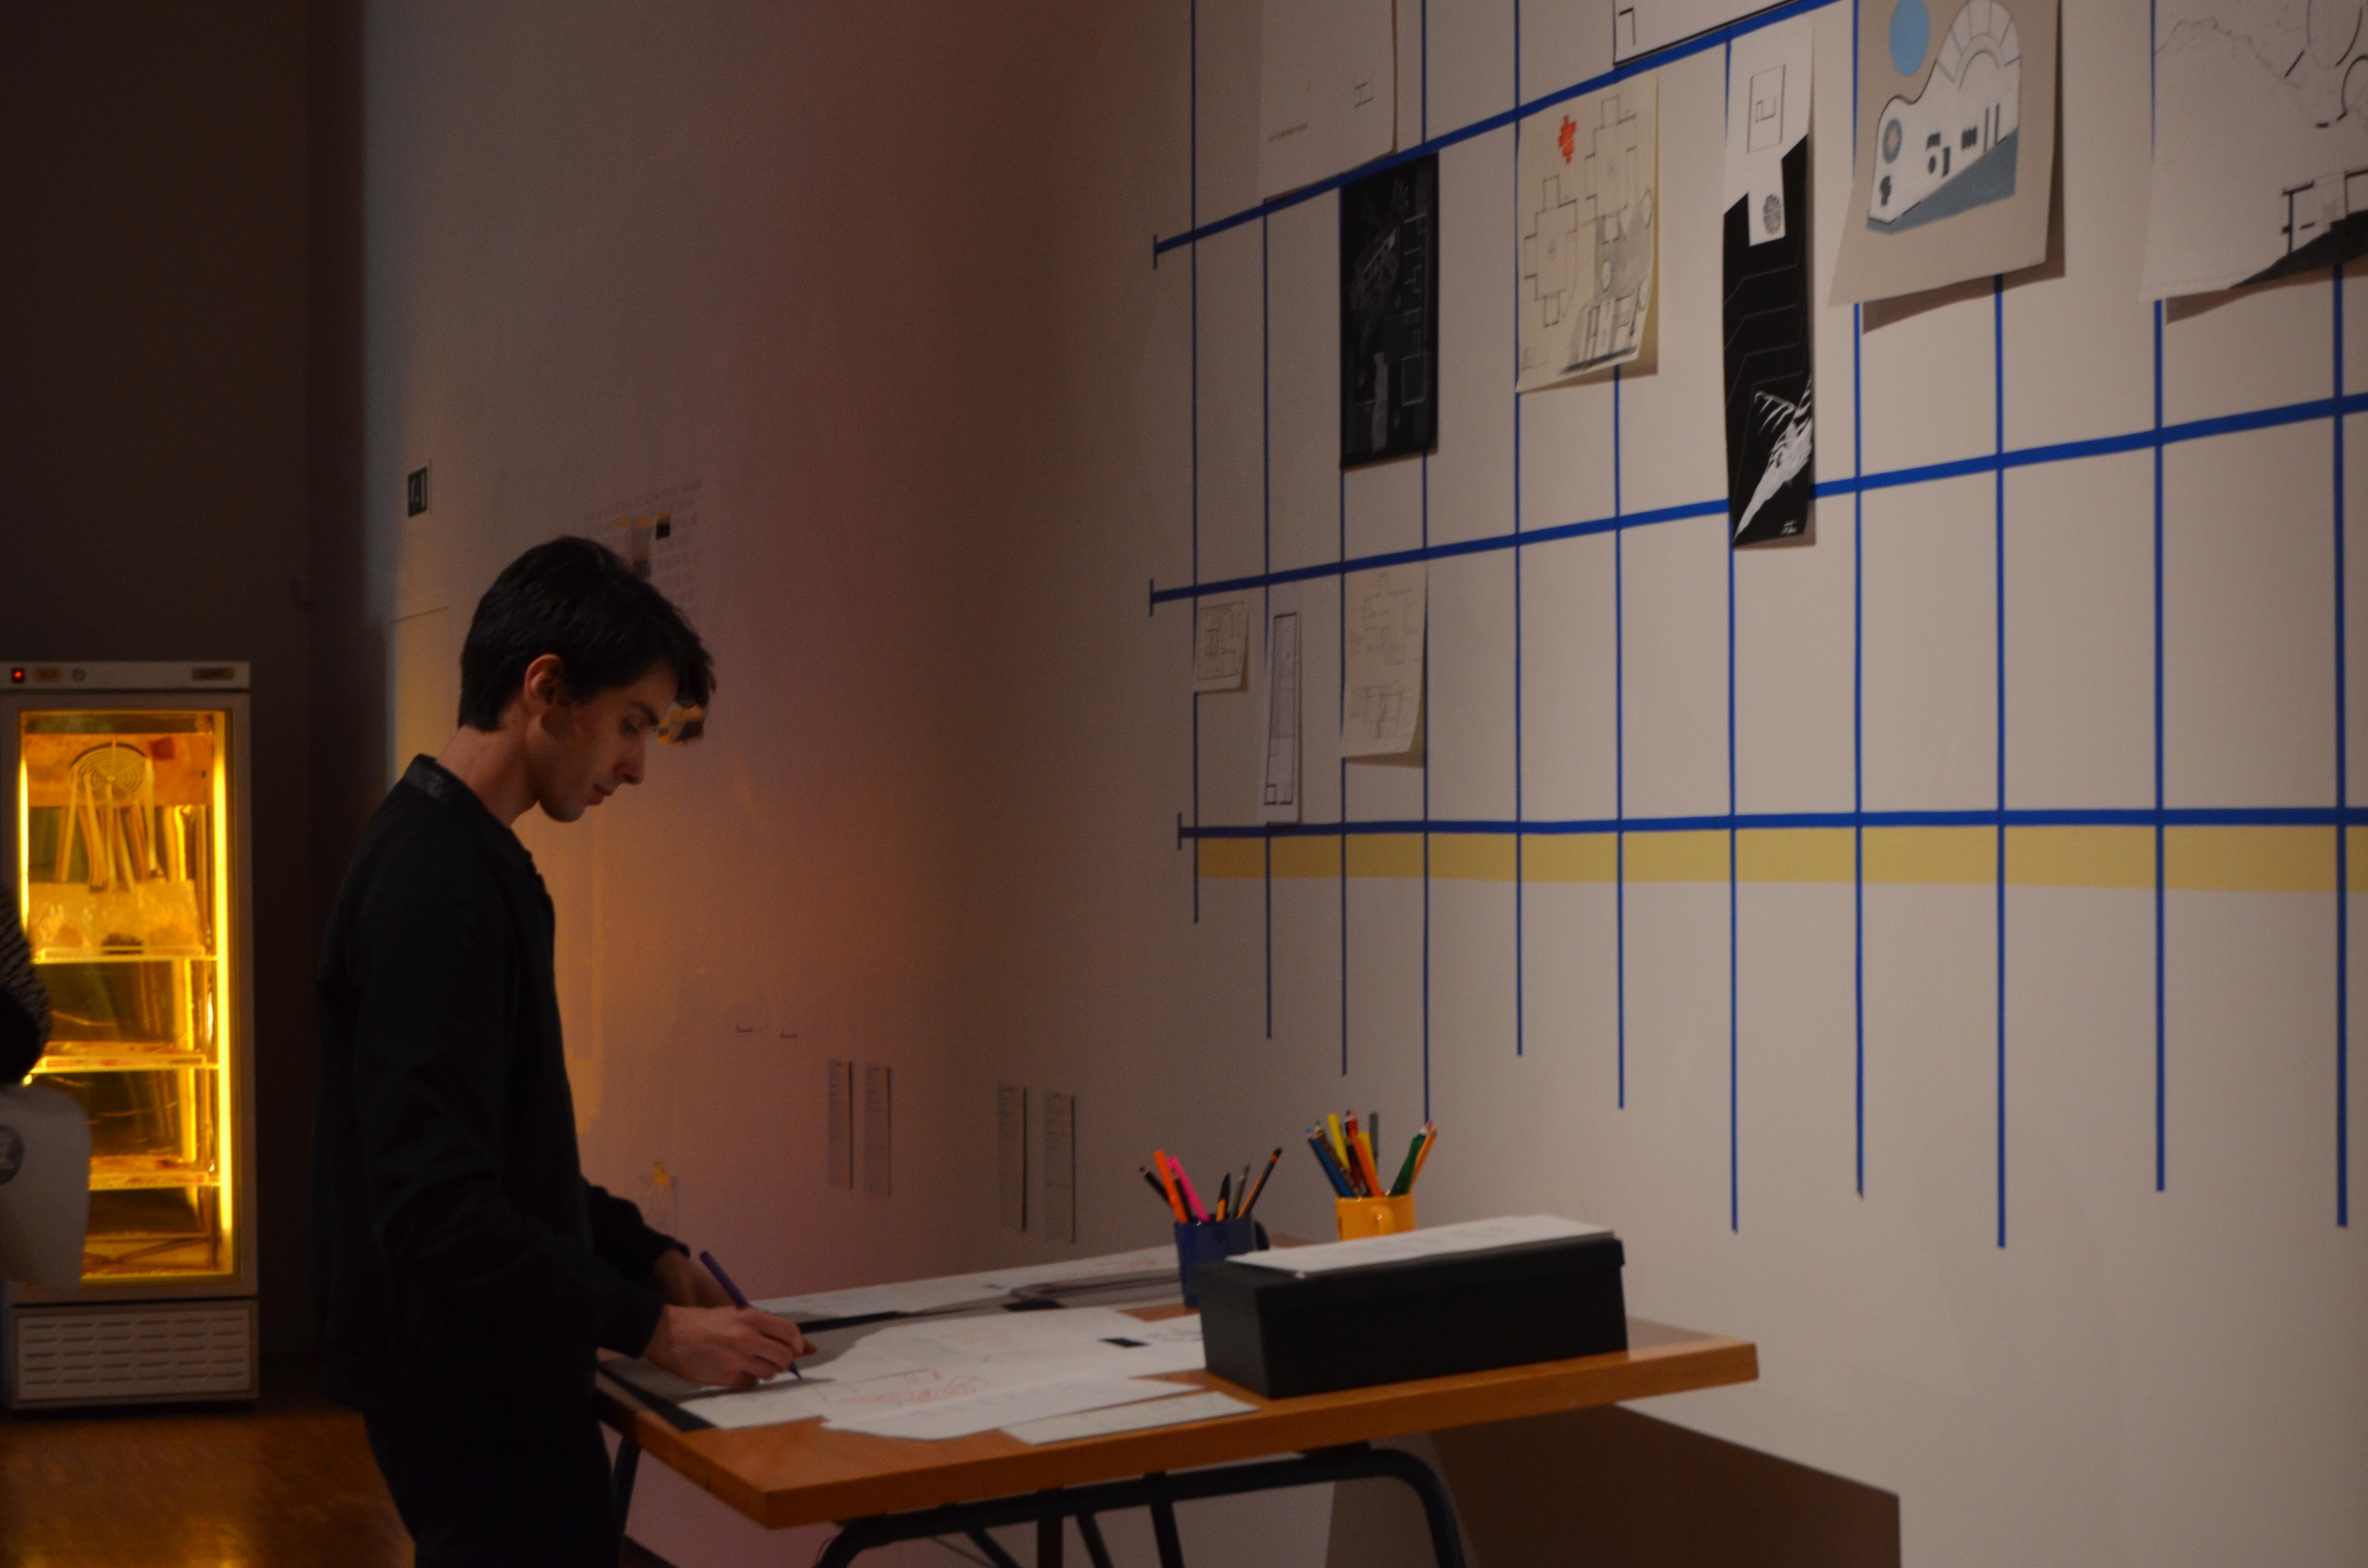 """""""To build a city"""" é a obra de Yona Friedman, que dá instrução para se desenhar uma casa de sonho. O aluno Jonathon Austin aceitou o desafio."""